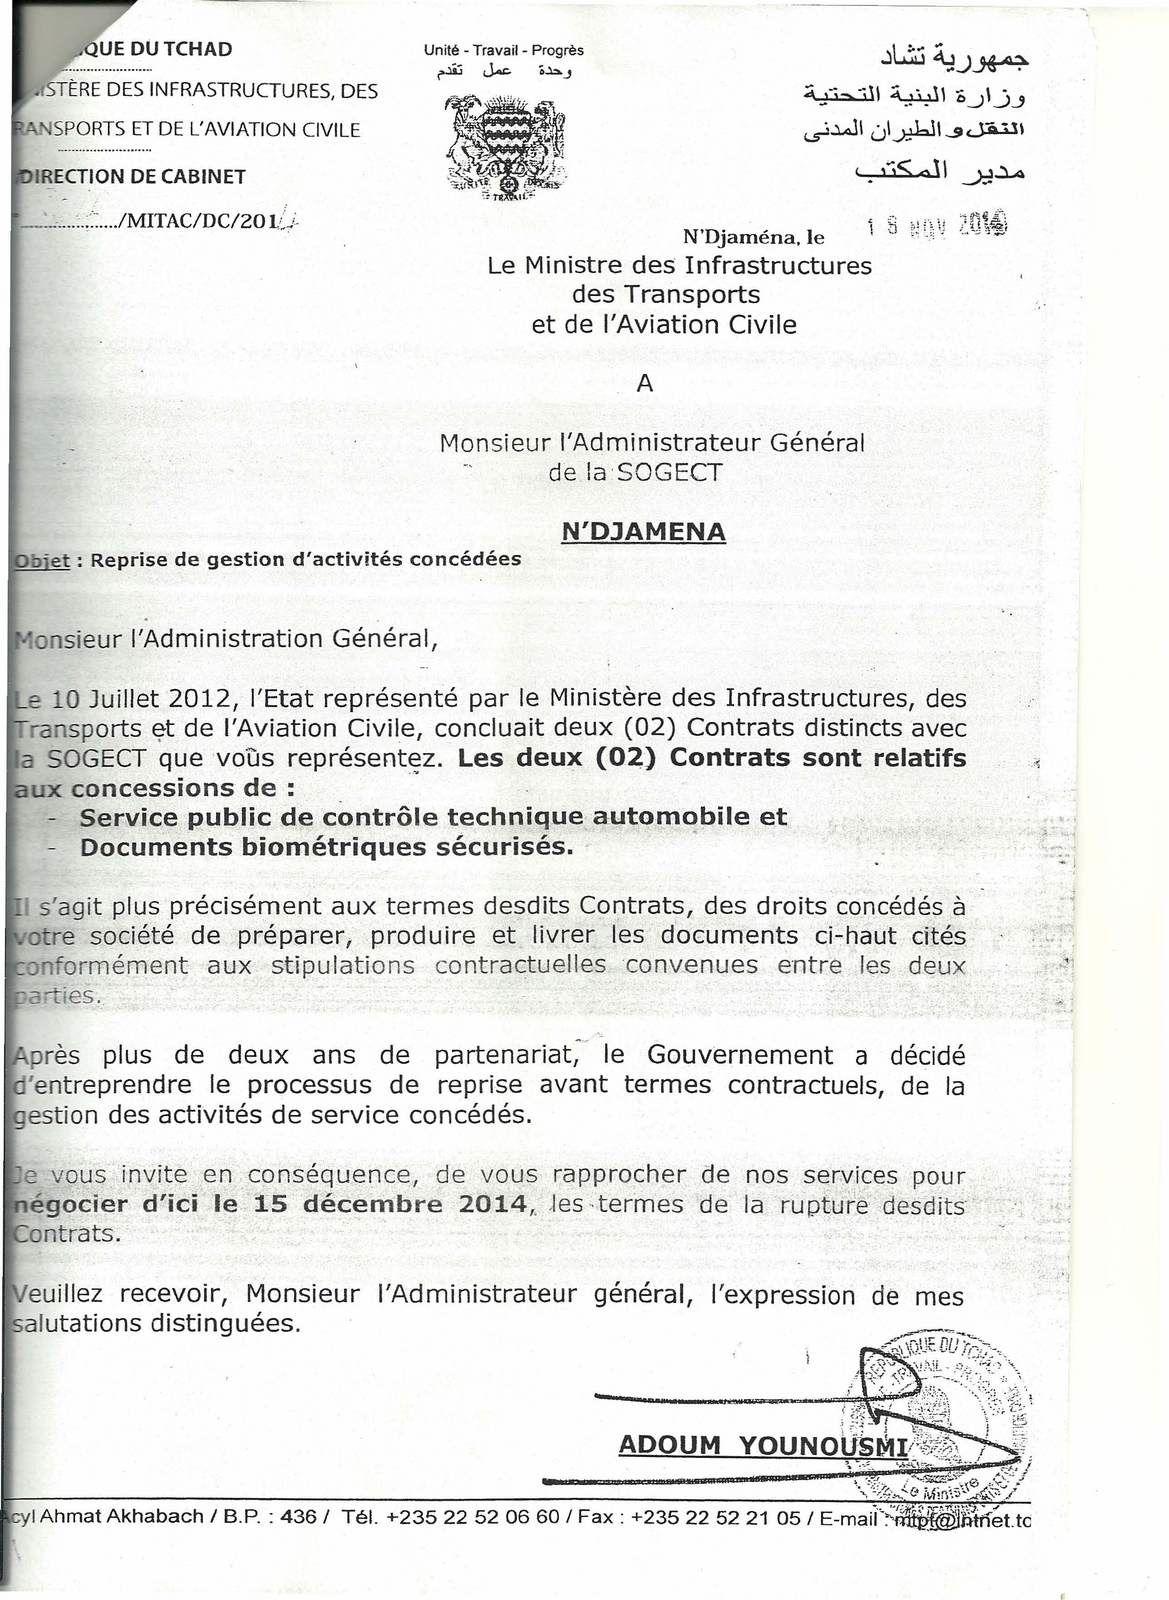 Affaire SOGECT- TCHAD: proposition révoltante de Bedei, un proche d'Idriss Deby